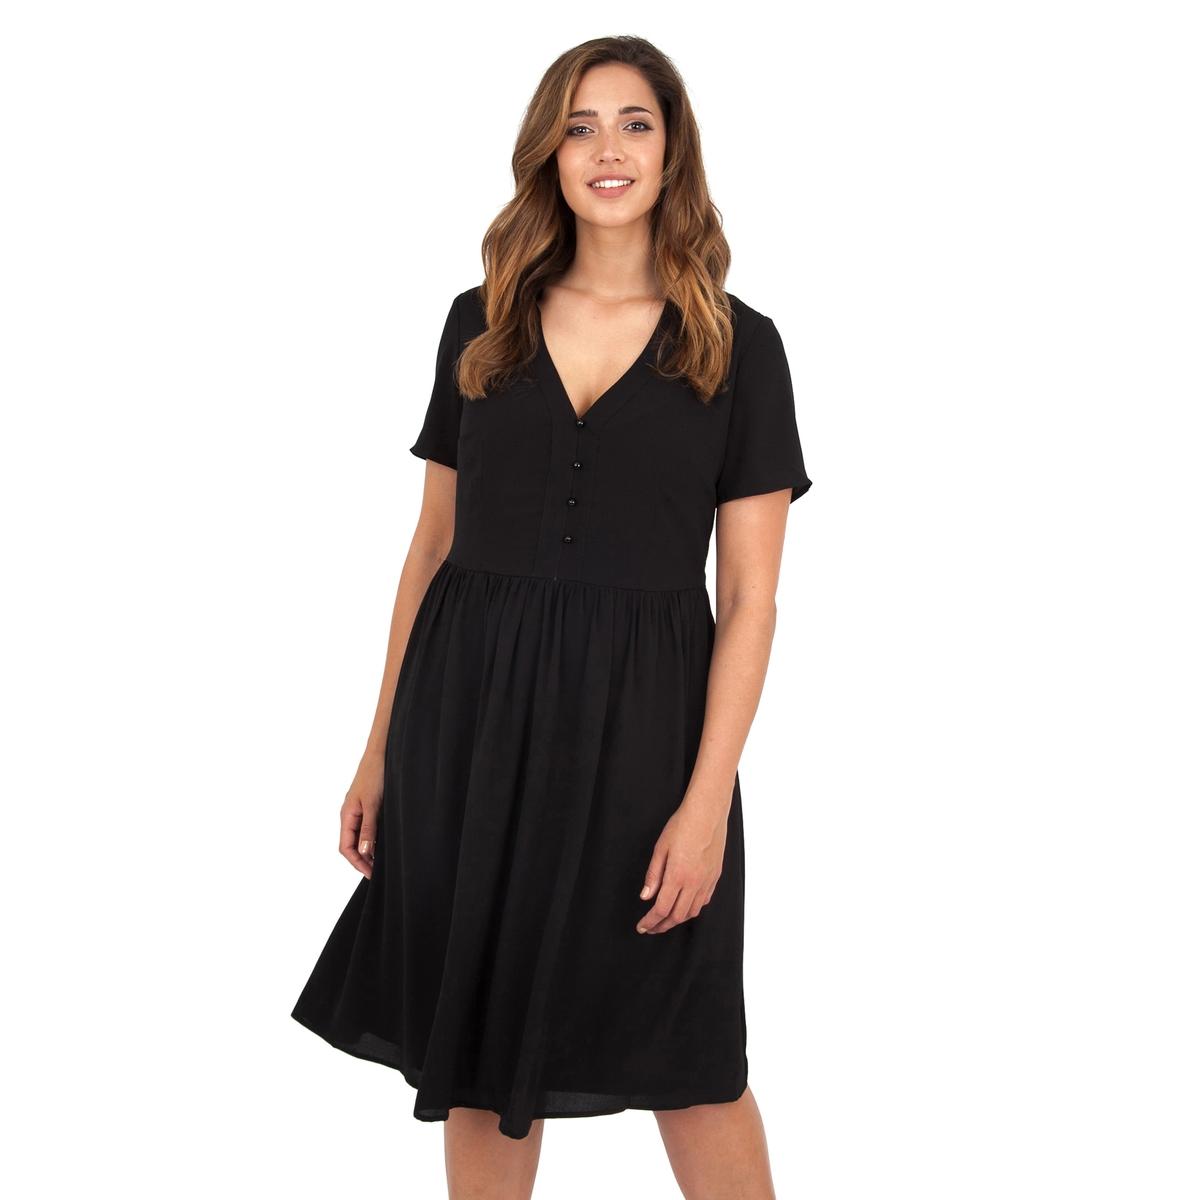 ПлатьеПлатье с короткими рукавами - LOVEDROBE. Красивый вырез декольте с небольшими пуговицами. Длина ок.104 см. 100% полиэстера.<br><br>Цвет: черный<br>Размер: 48 (FR) - 54 (RUS)